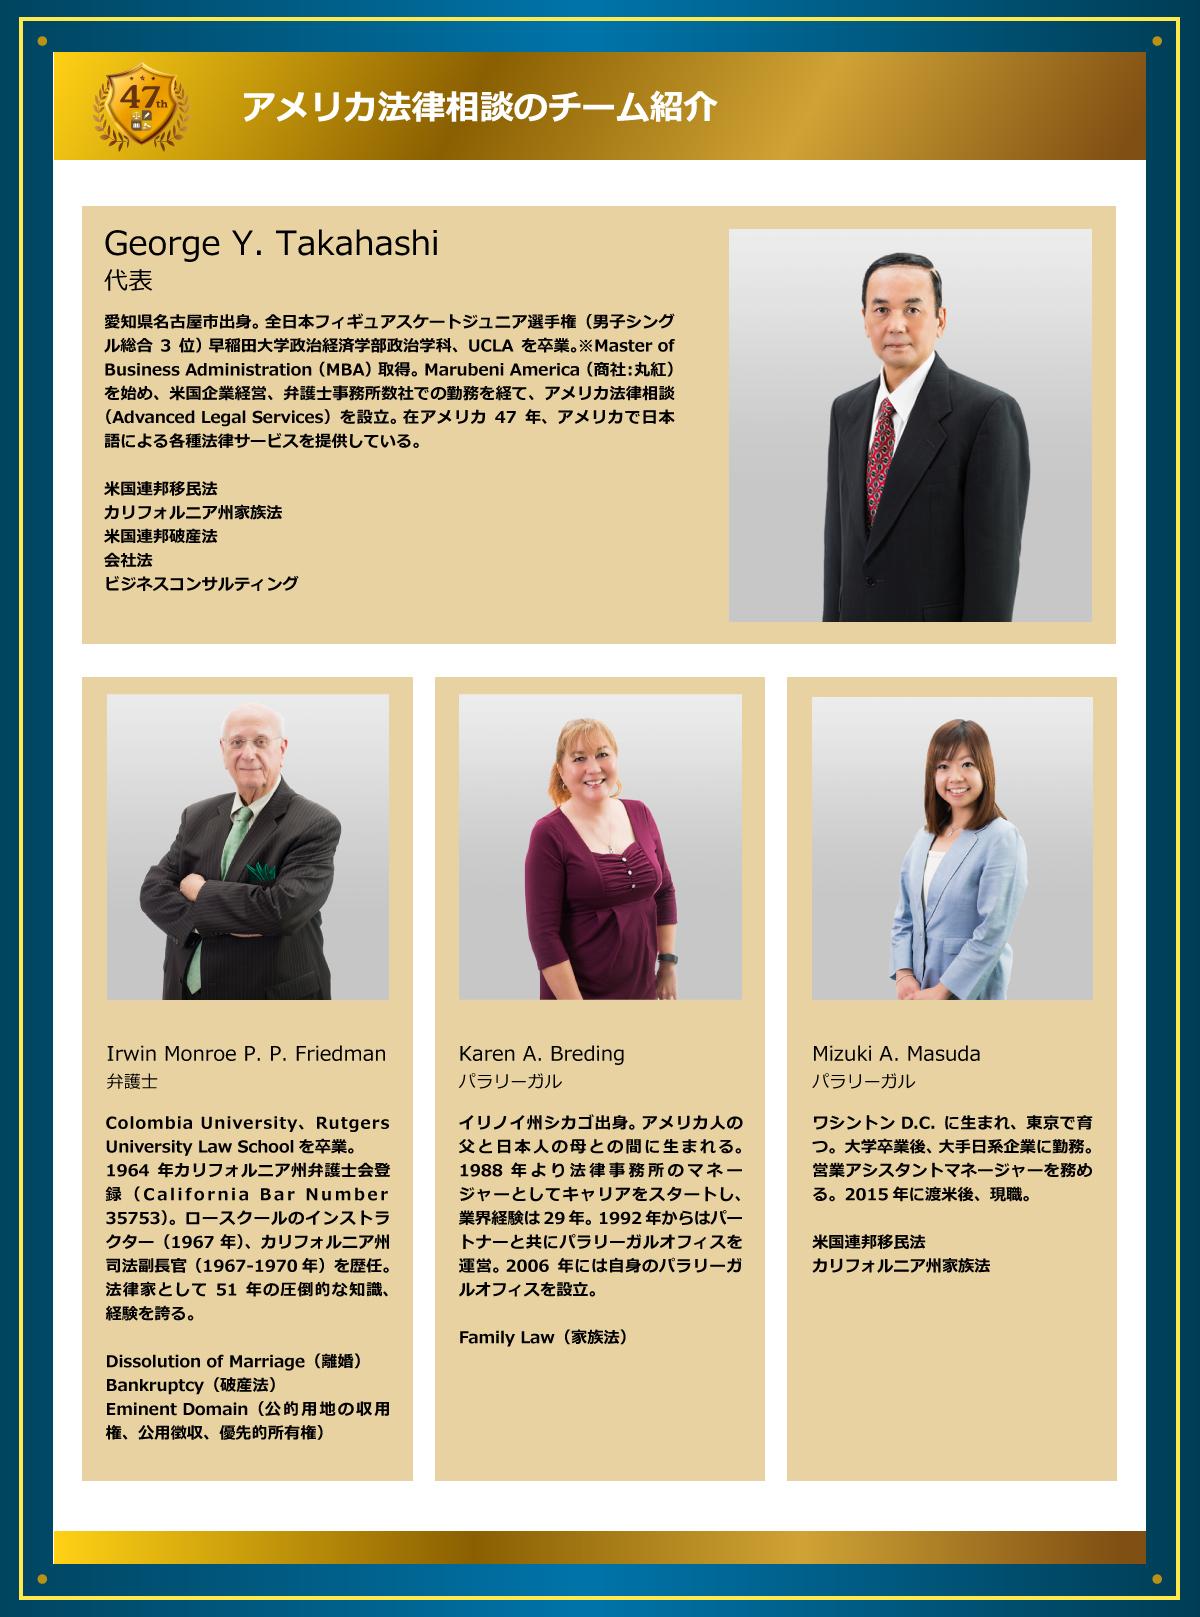 アメリカ法律相談のチーム紹介 (1)